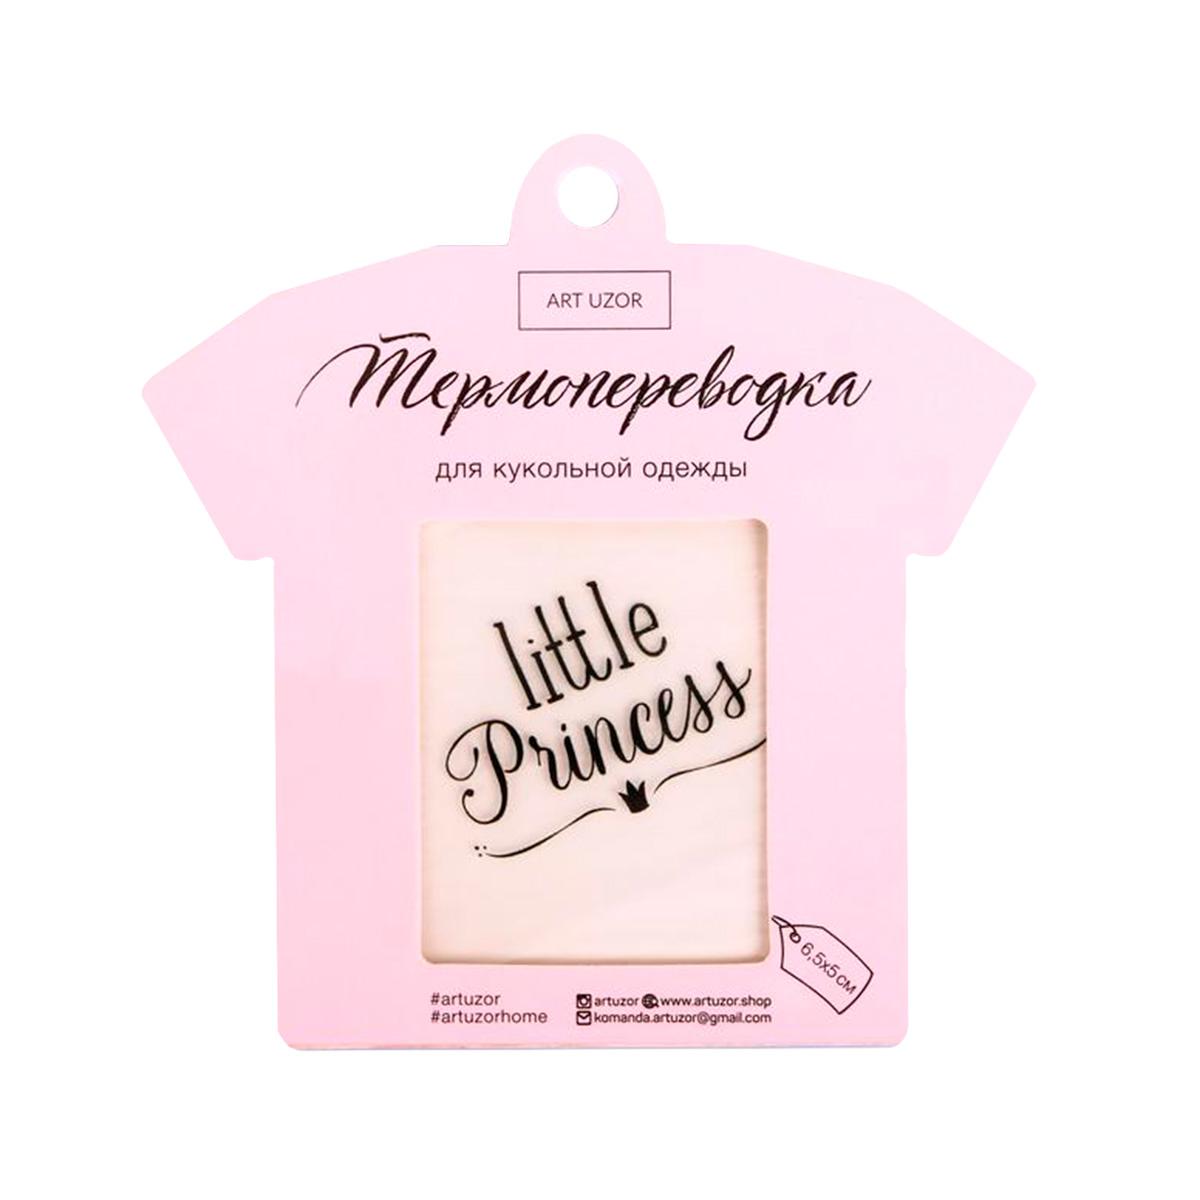 4048281 Термопереводка для кукольной одежды «Принцесса», 6.5*5 см